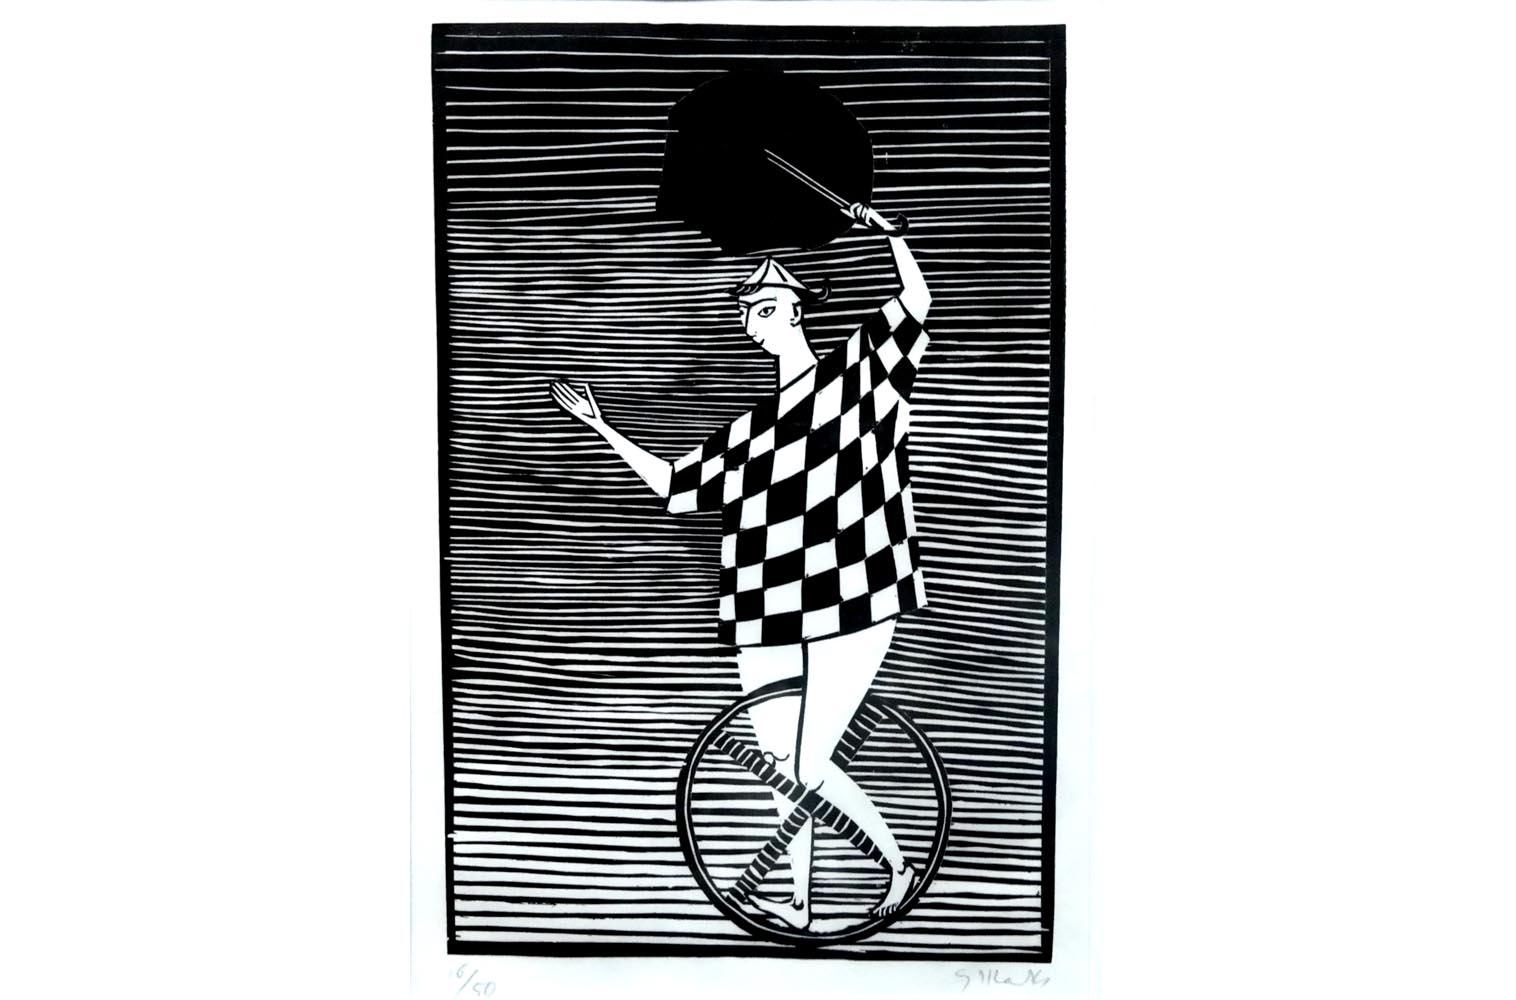 """Gerhard Marcks (1889-1981 ) """" Fortuna I """" Holzschnitt auf Japanpapier, 1954 sign. und num. 16/50 Lammek H 239. 31,6 x 20,3 cm 650 €"""